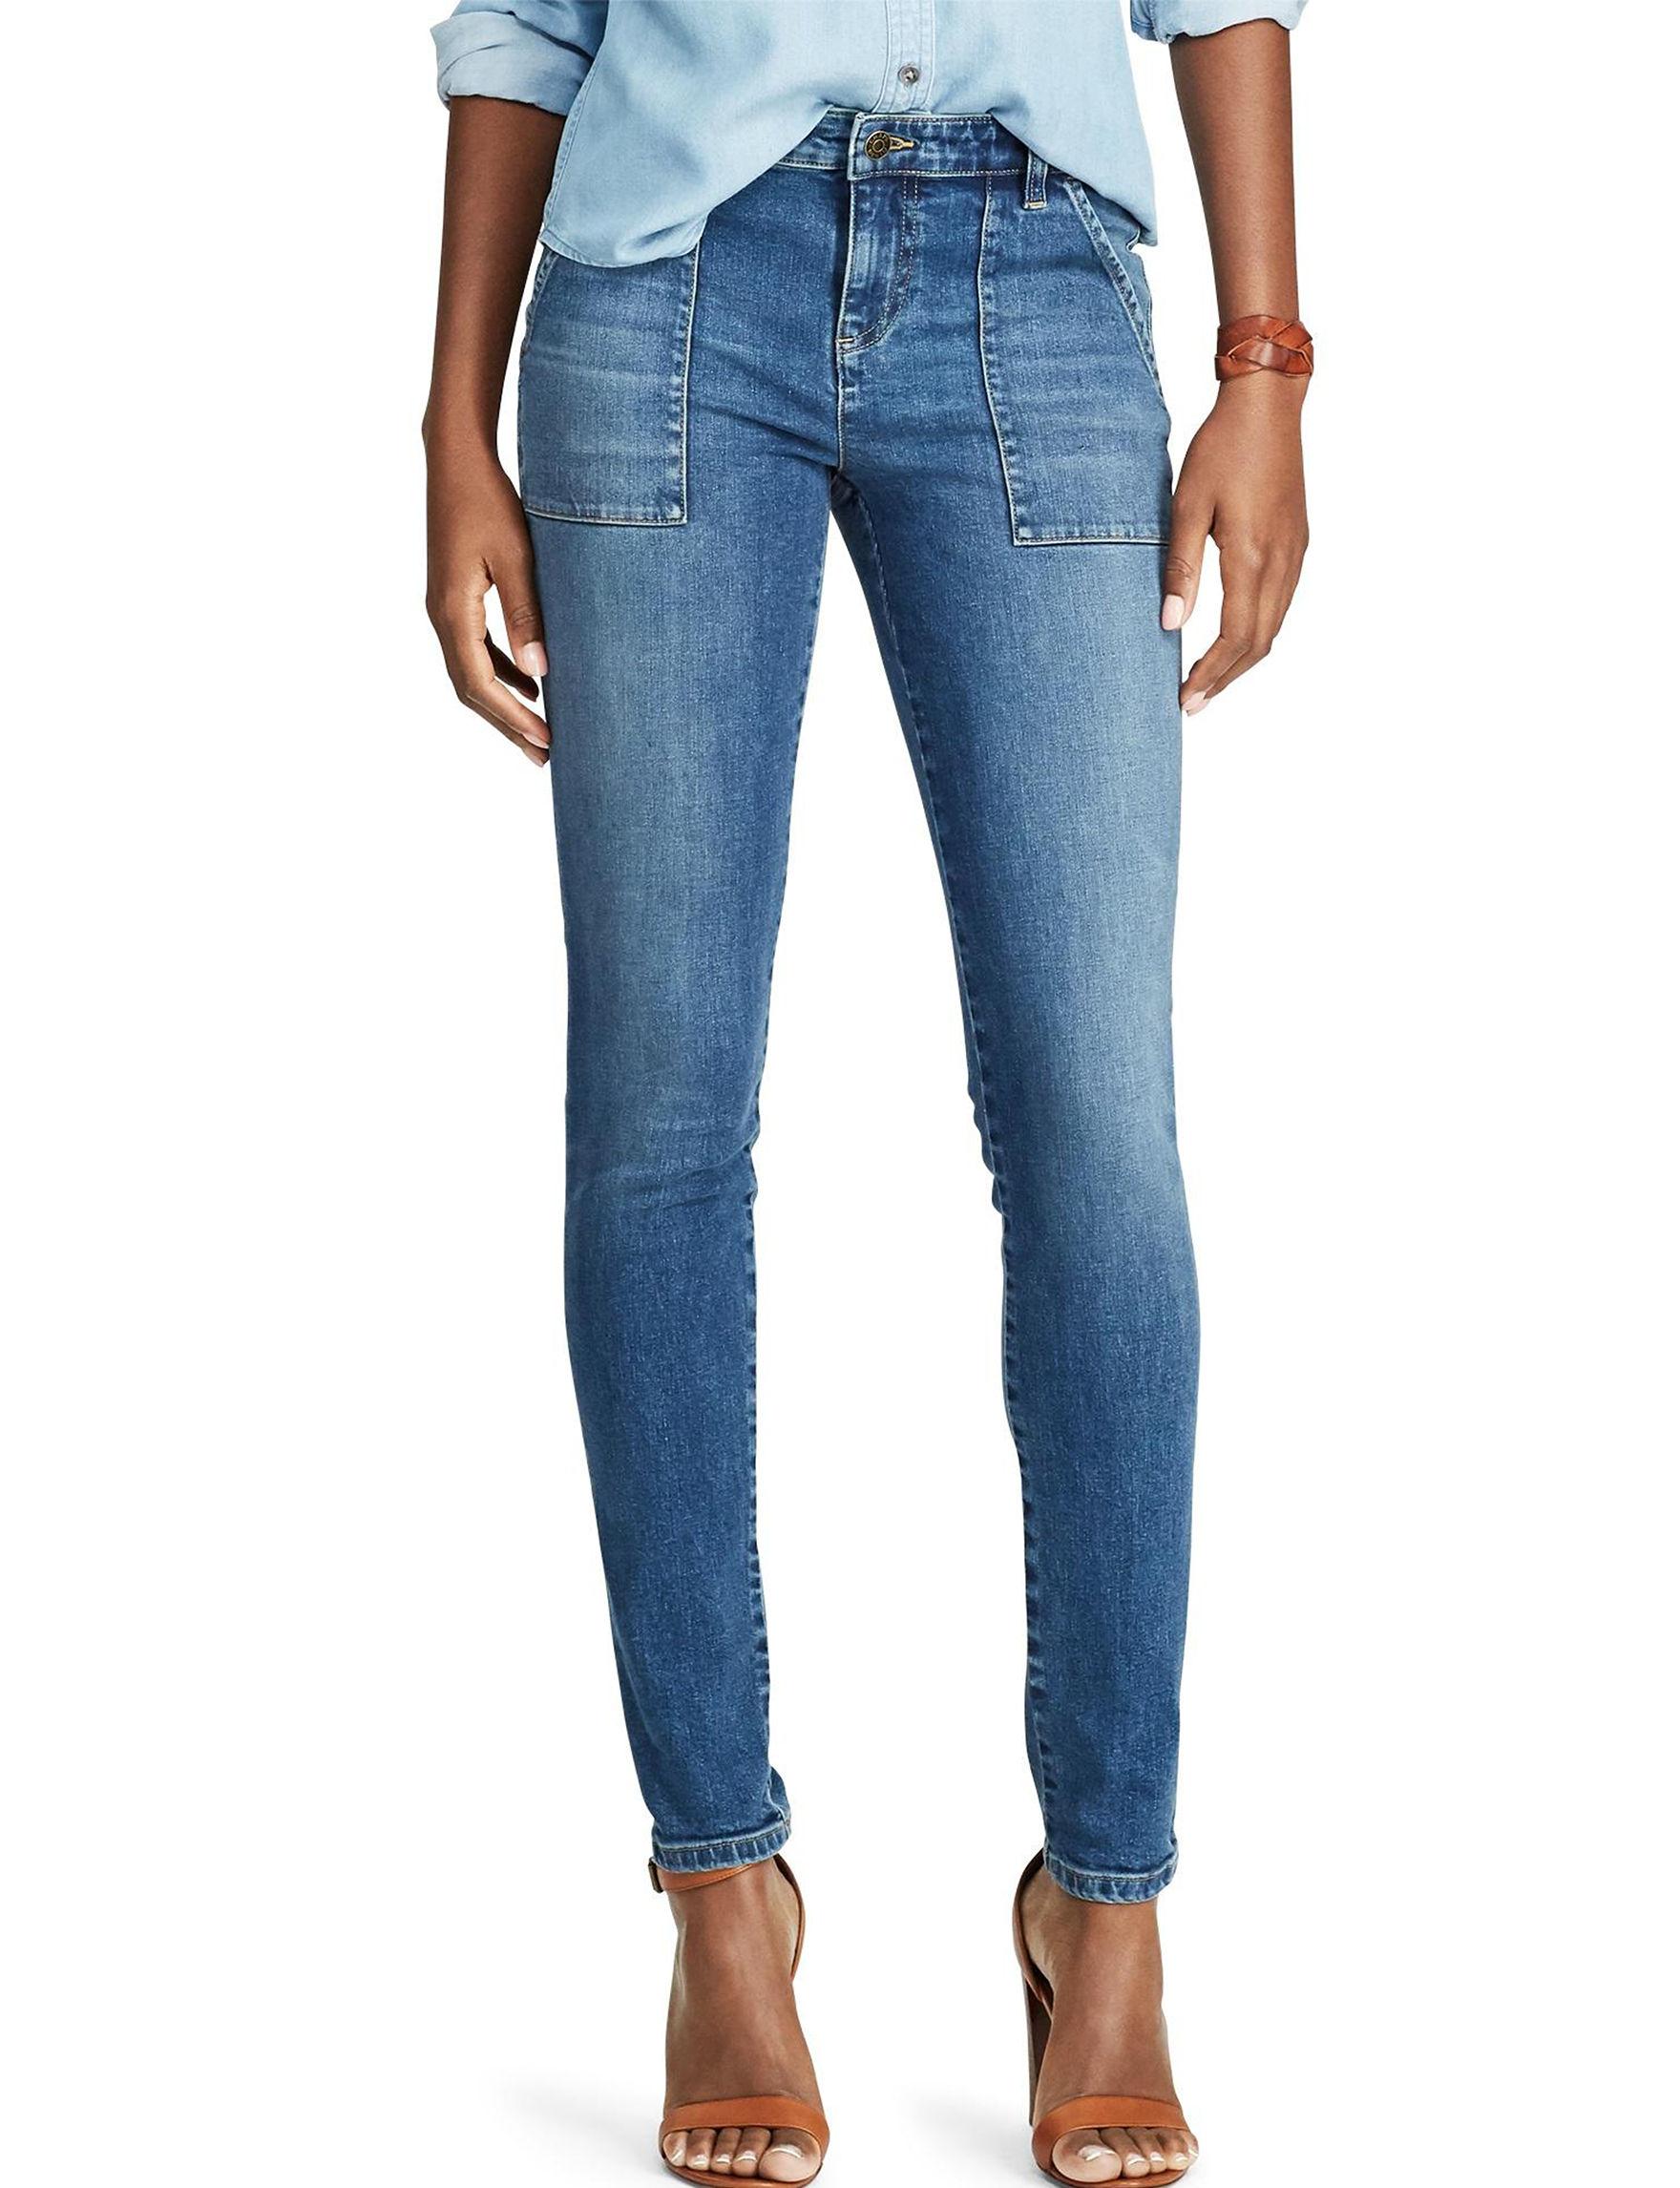 Chaps Blue Soft Pants